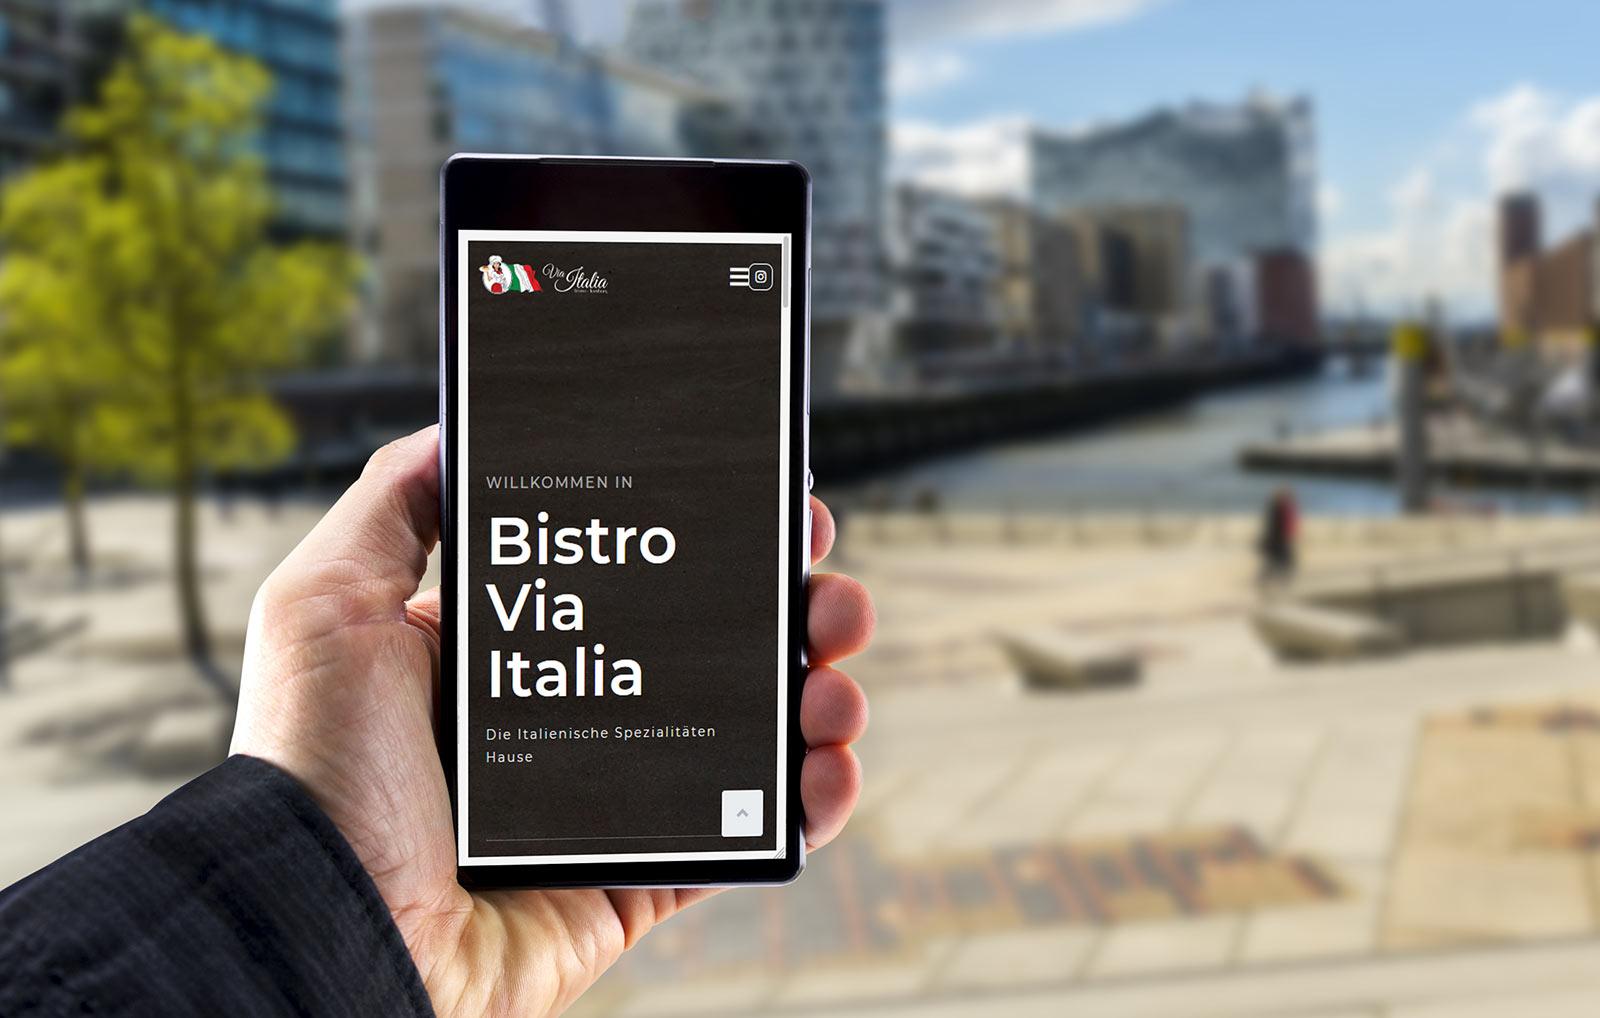 Bistro Via Italia